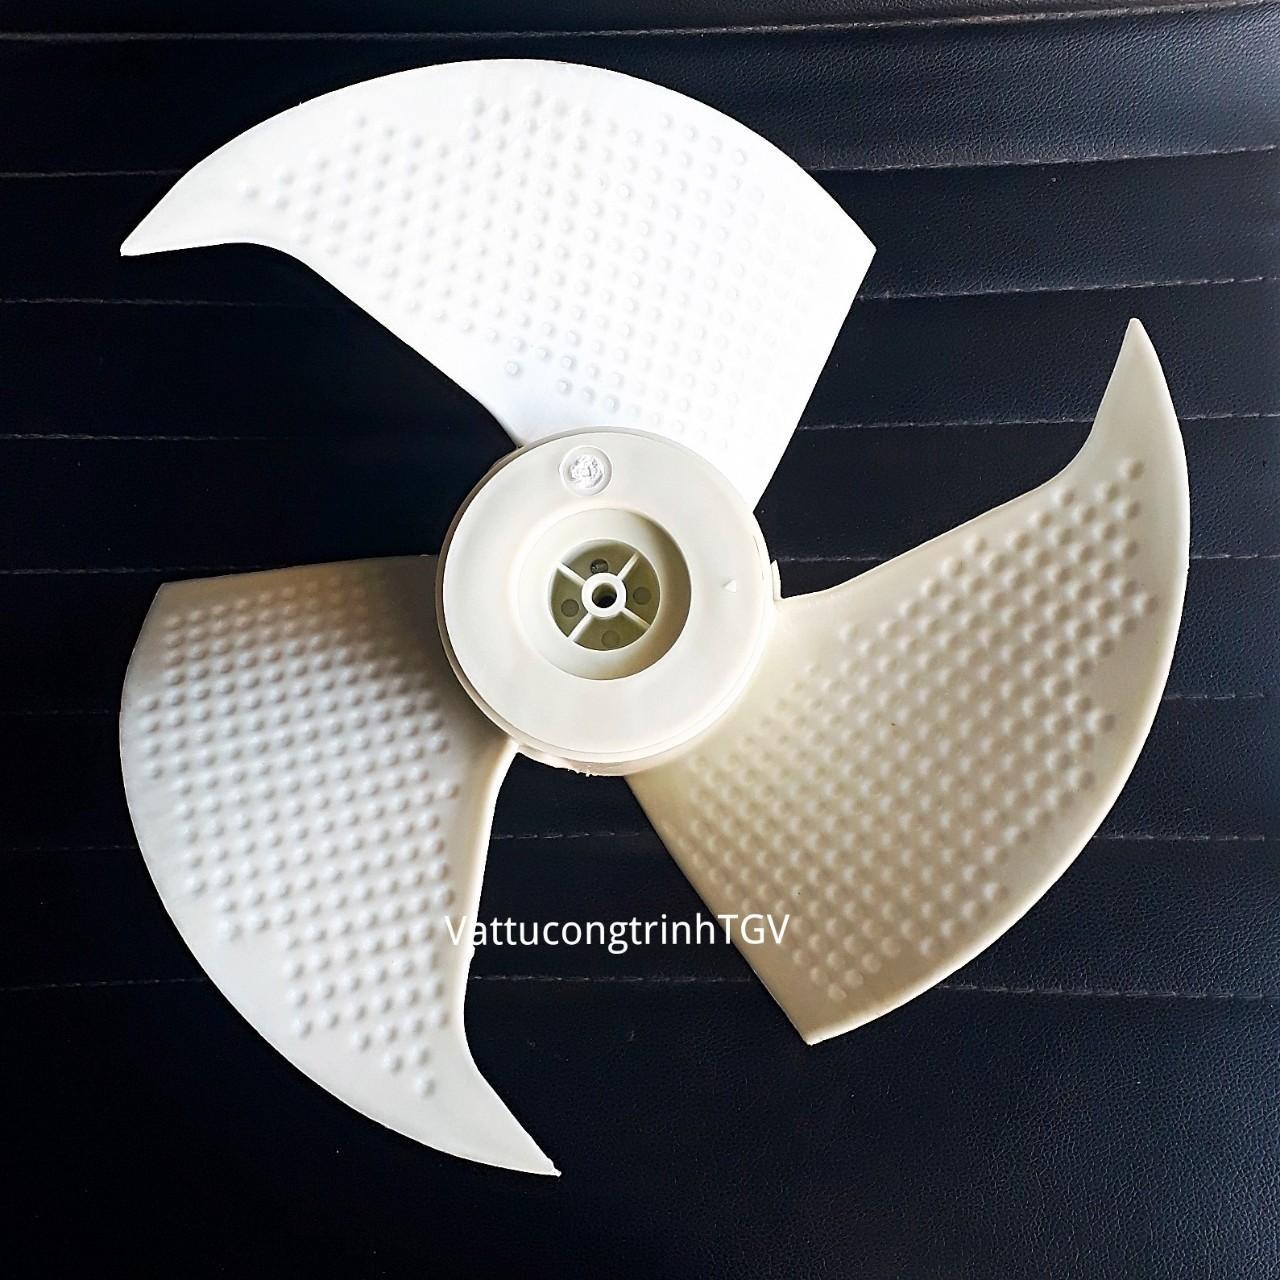 Cánh quạt điều hòa 3 cánh ngược chiều ( thay thế)